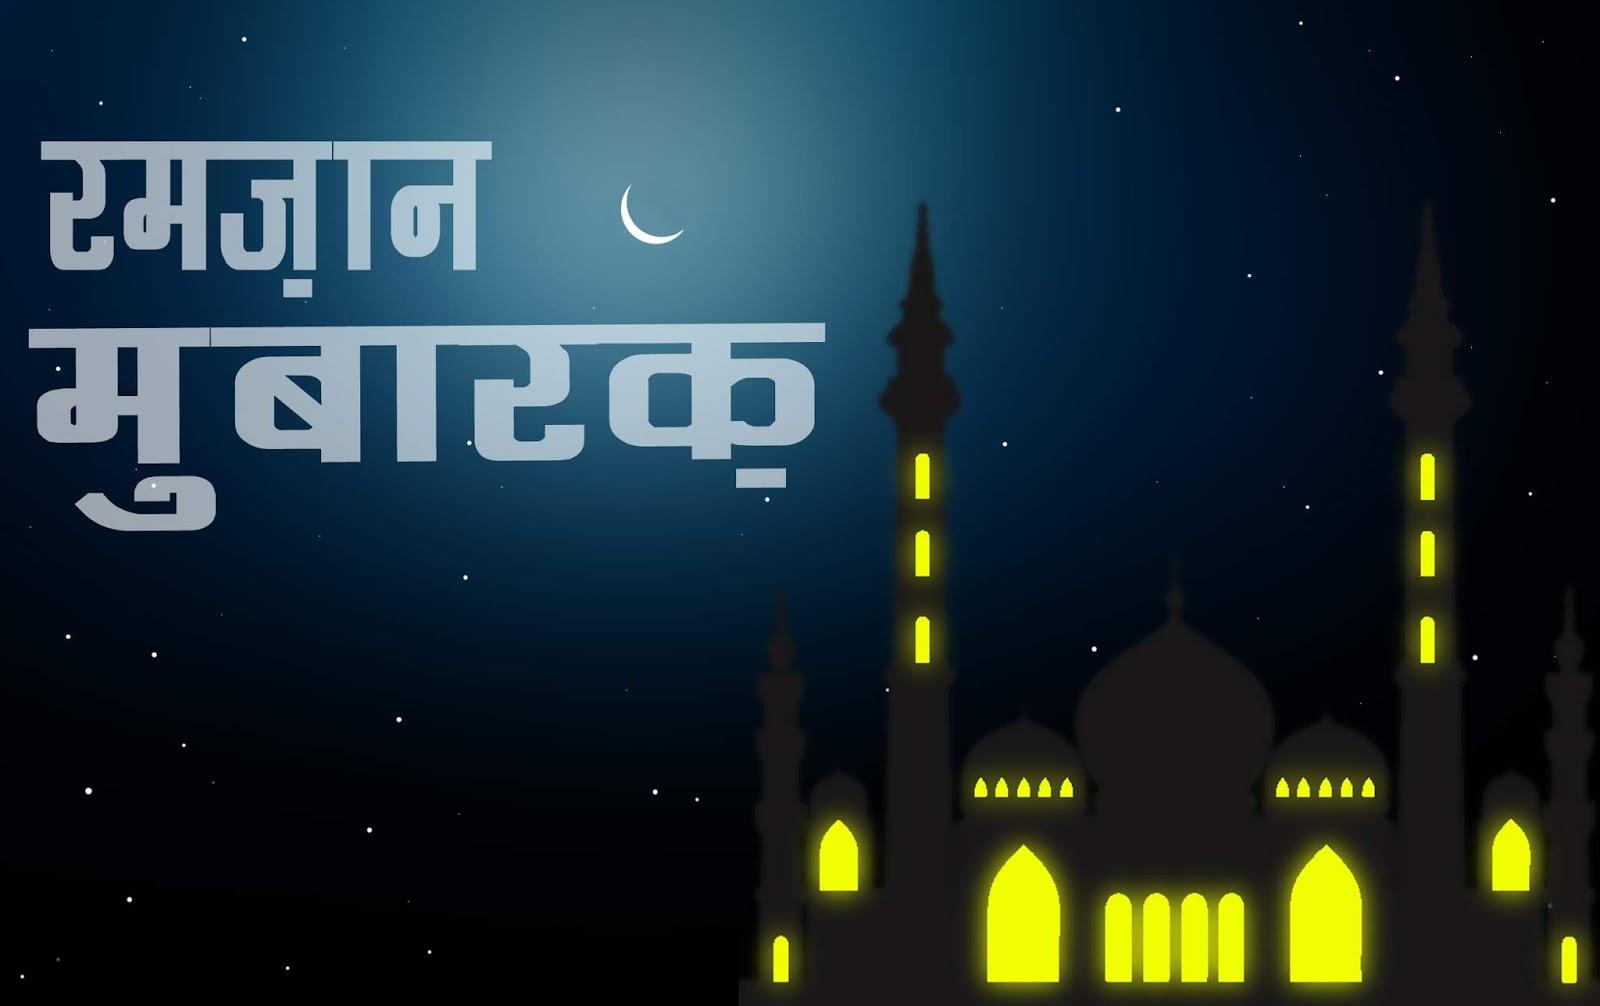 इस्लाम धर्मावलम्बीहरु सोमबार  रमजान (इदउलफित्र) मनाउने